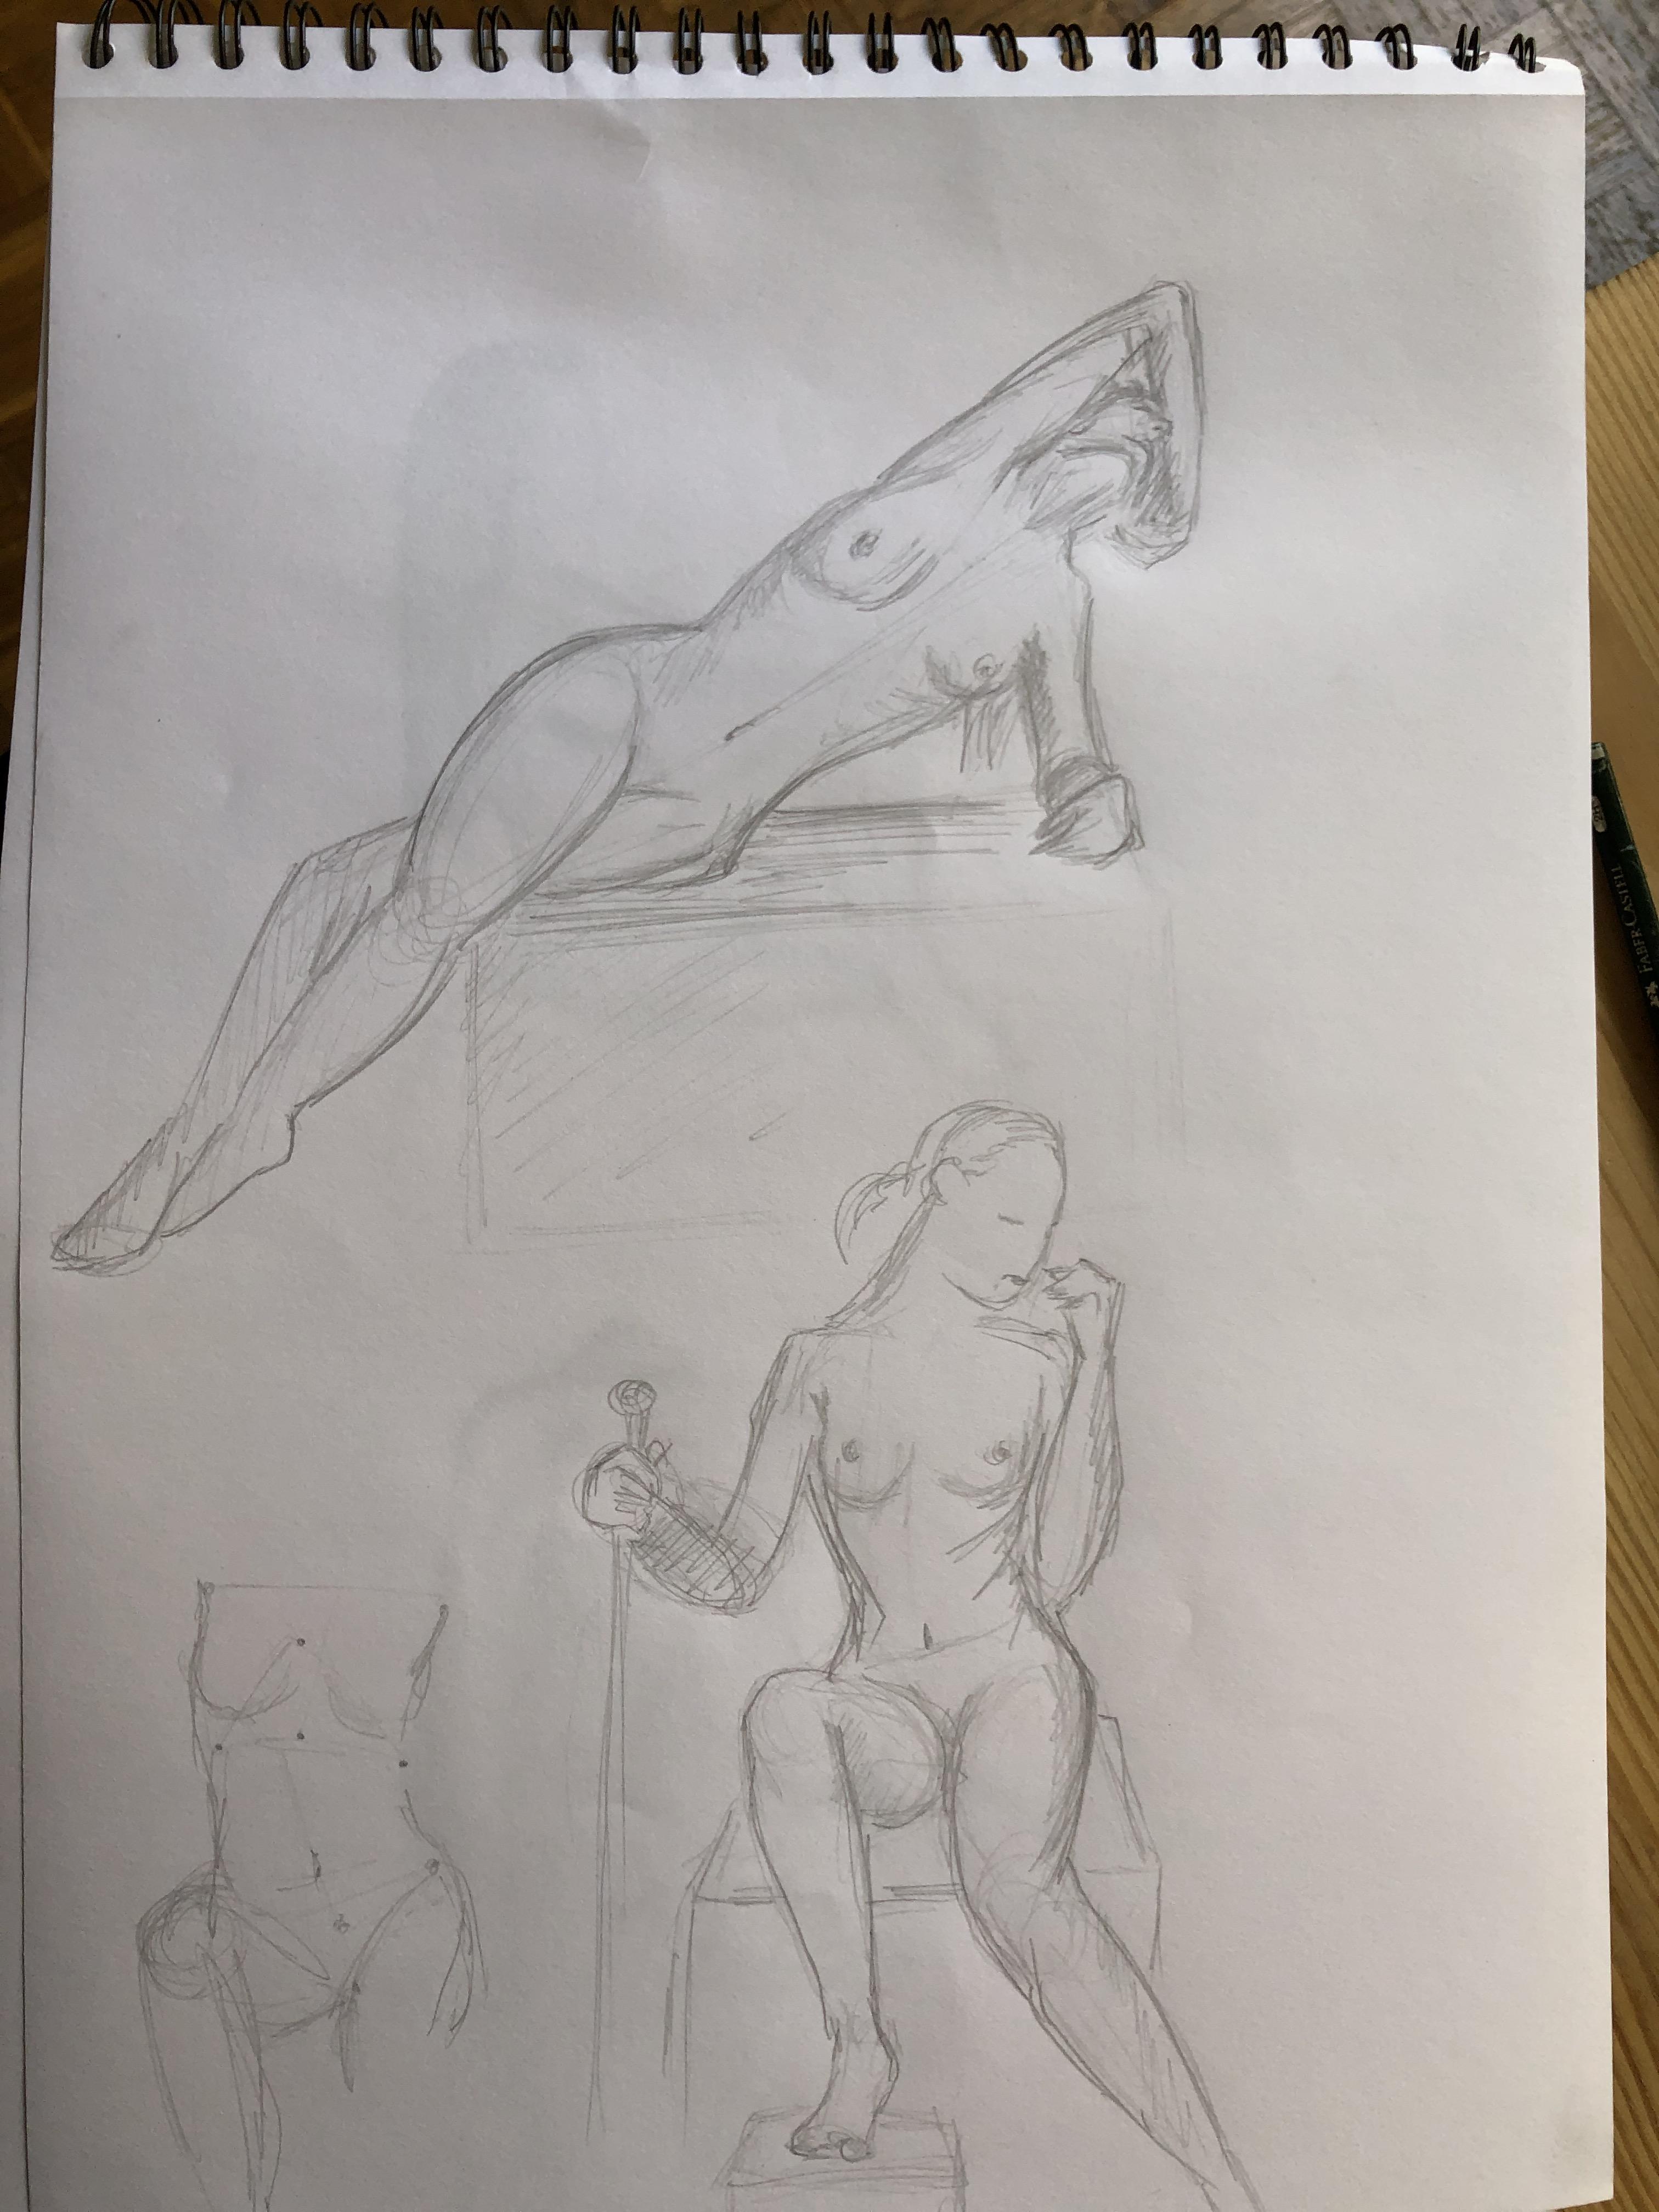 Carnet de croquis dessin  cours de dessin